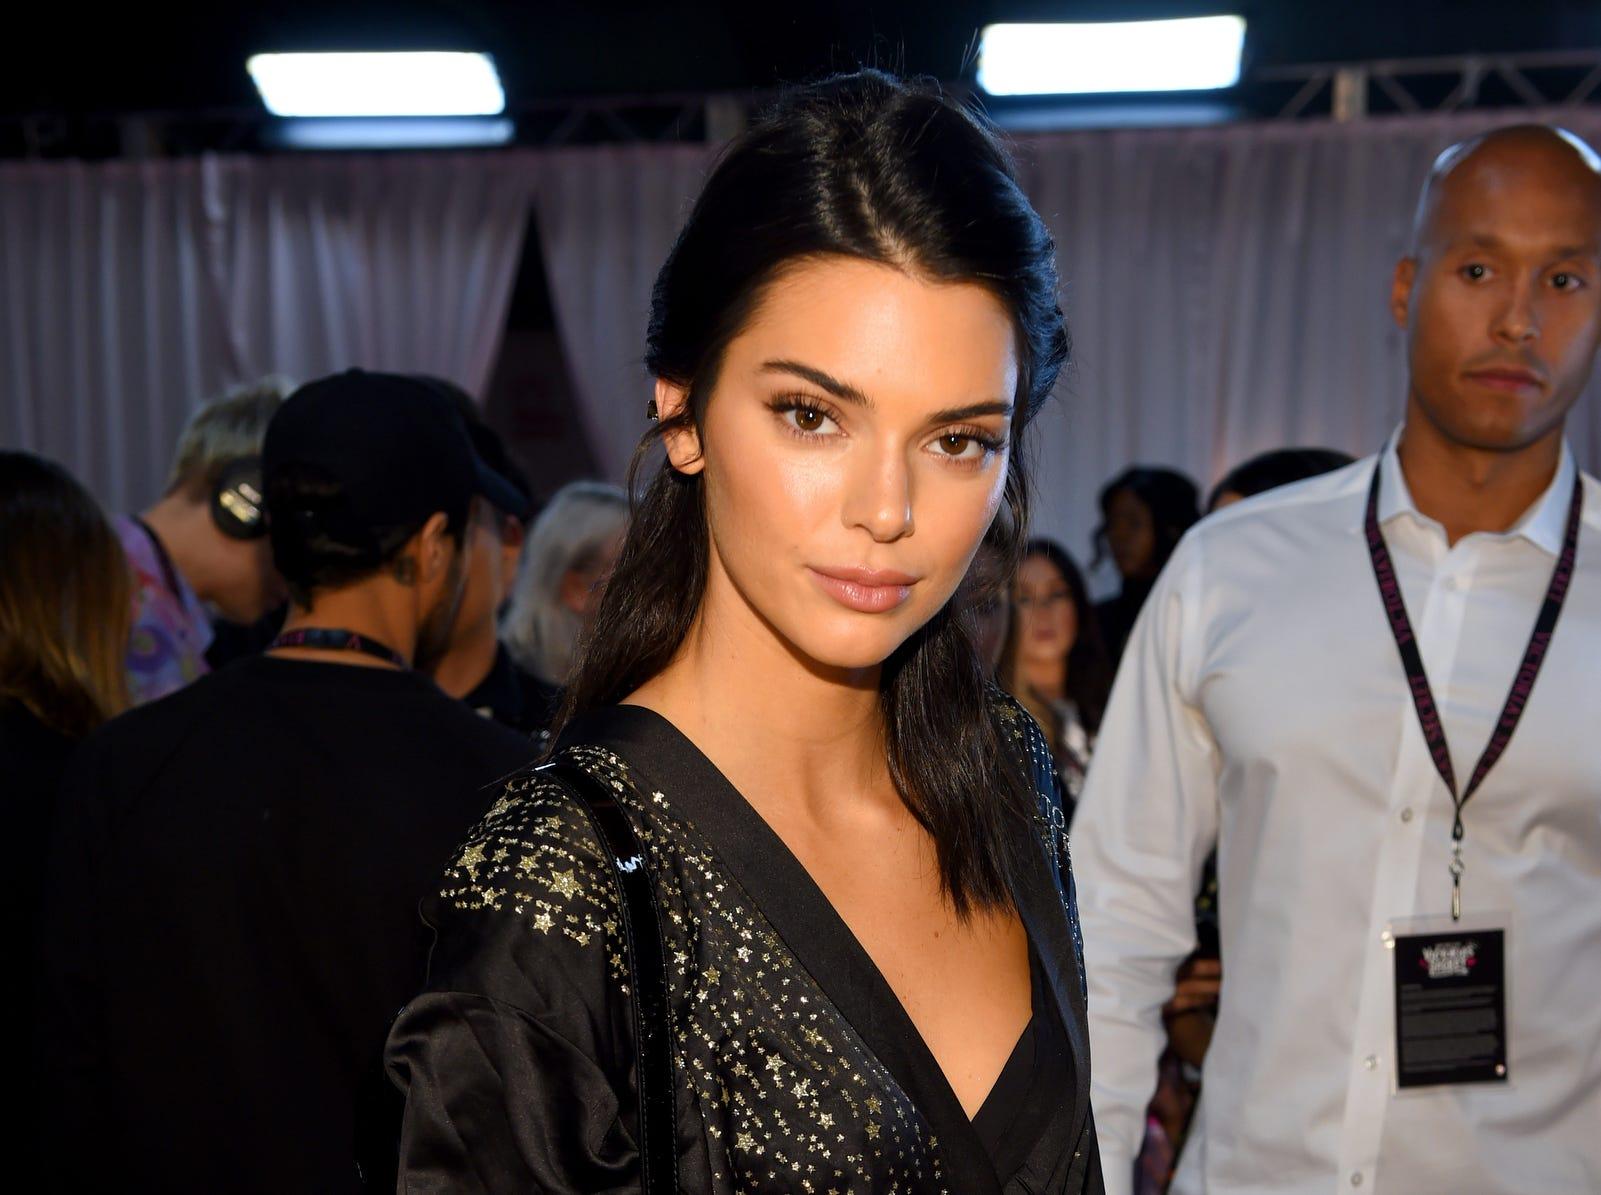 Angel Kendall Jenner prepares backstage.